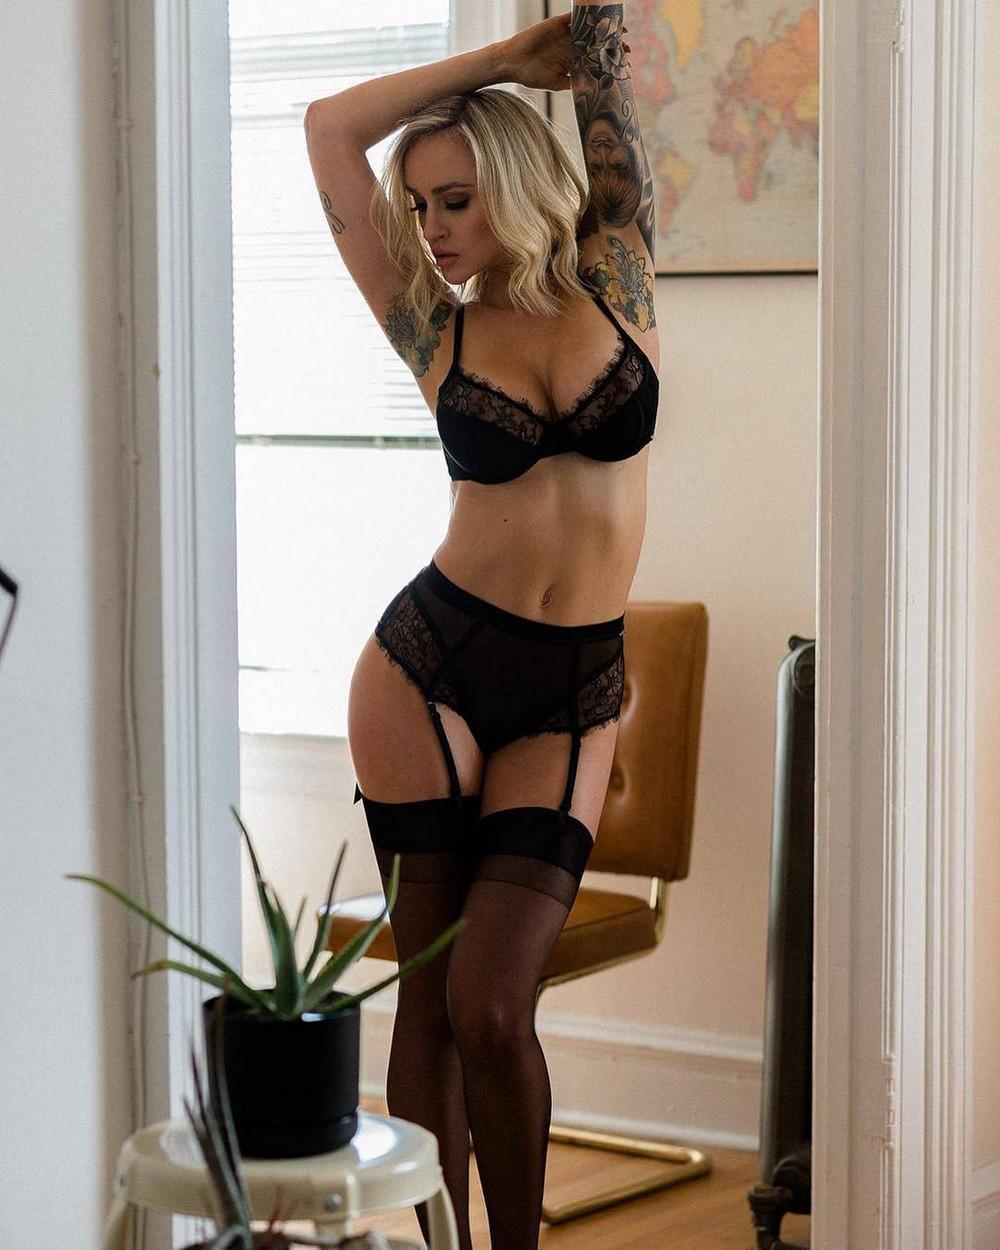 гимнастки | Красивые голые девушки, эротические фото ...